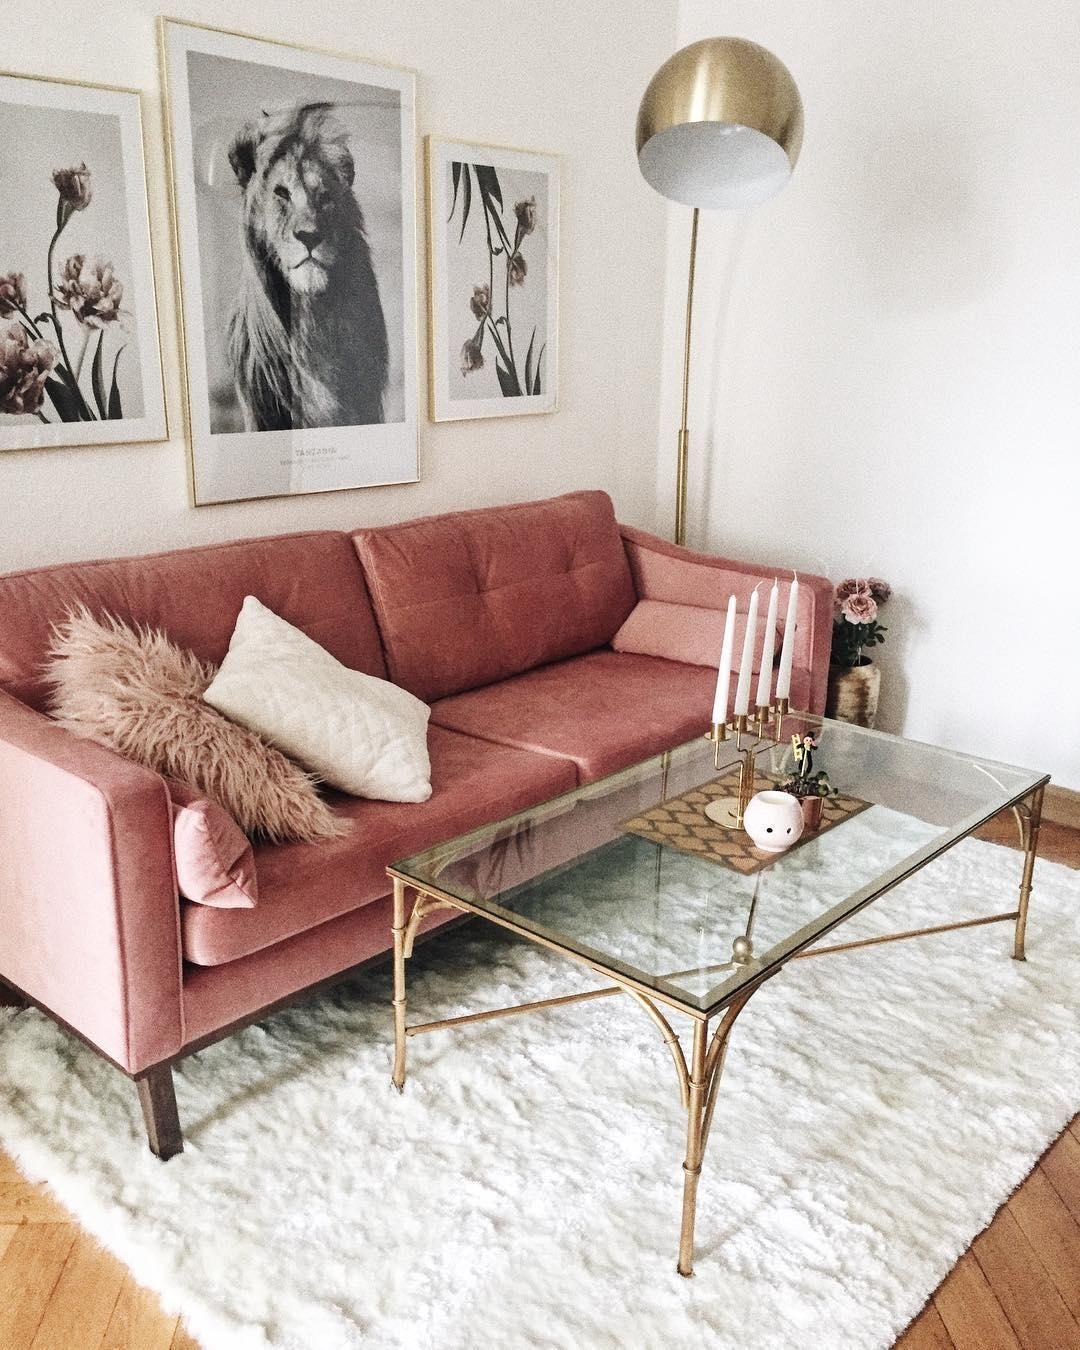 Samt-Sofa Alva (3-Sitzer) | Pinterest | Wohnzimmer sofas, Textilien ...